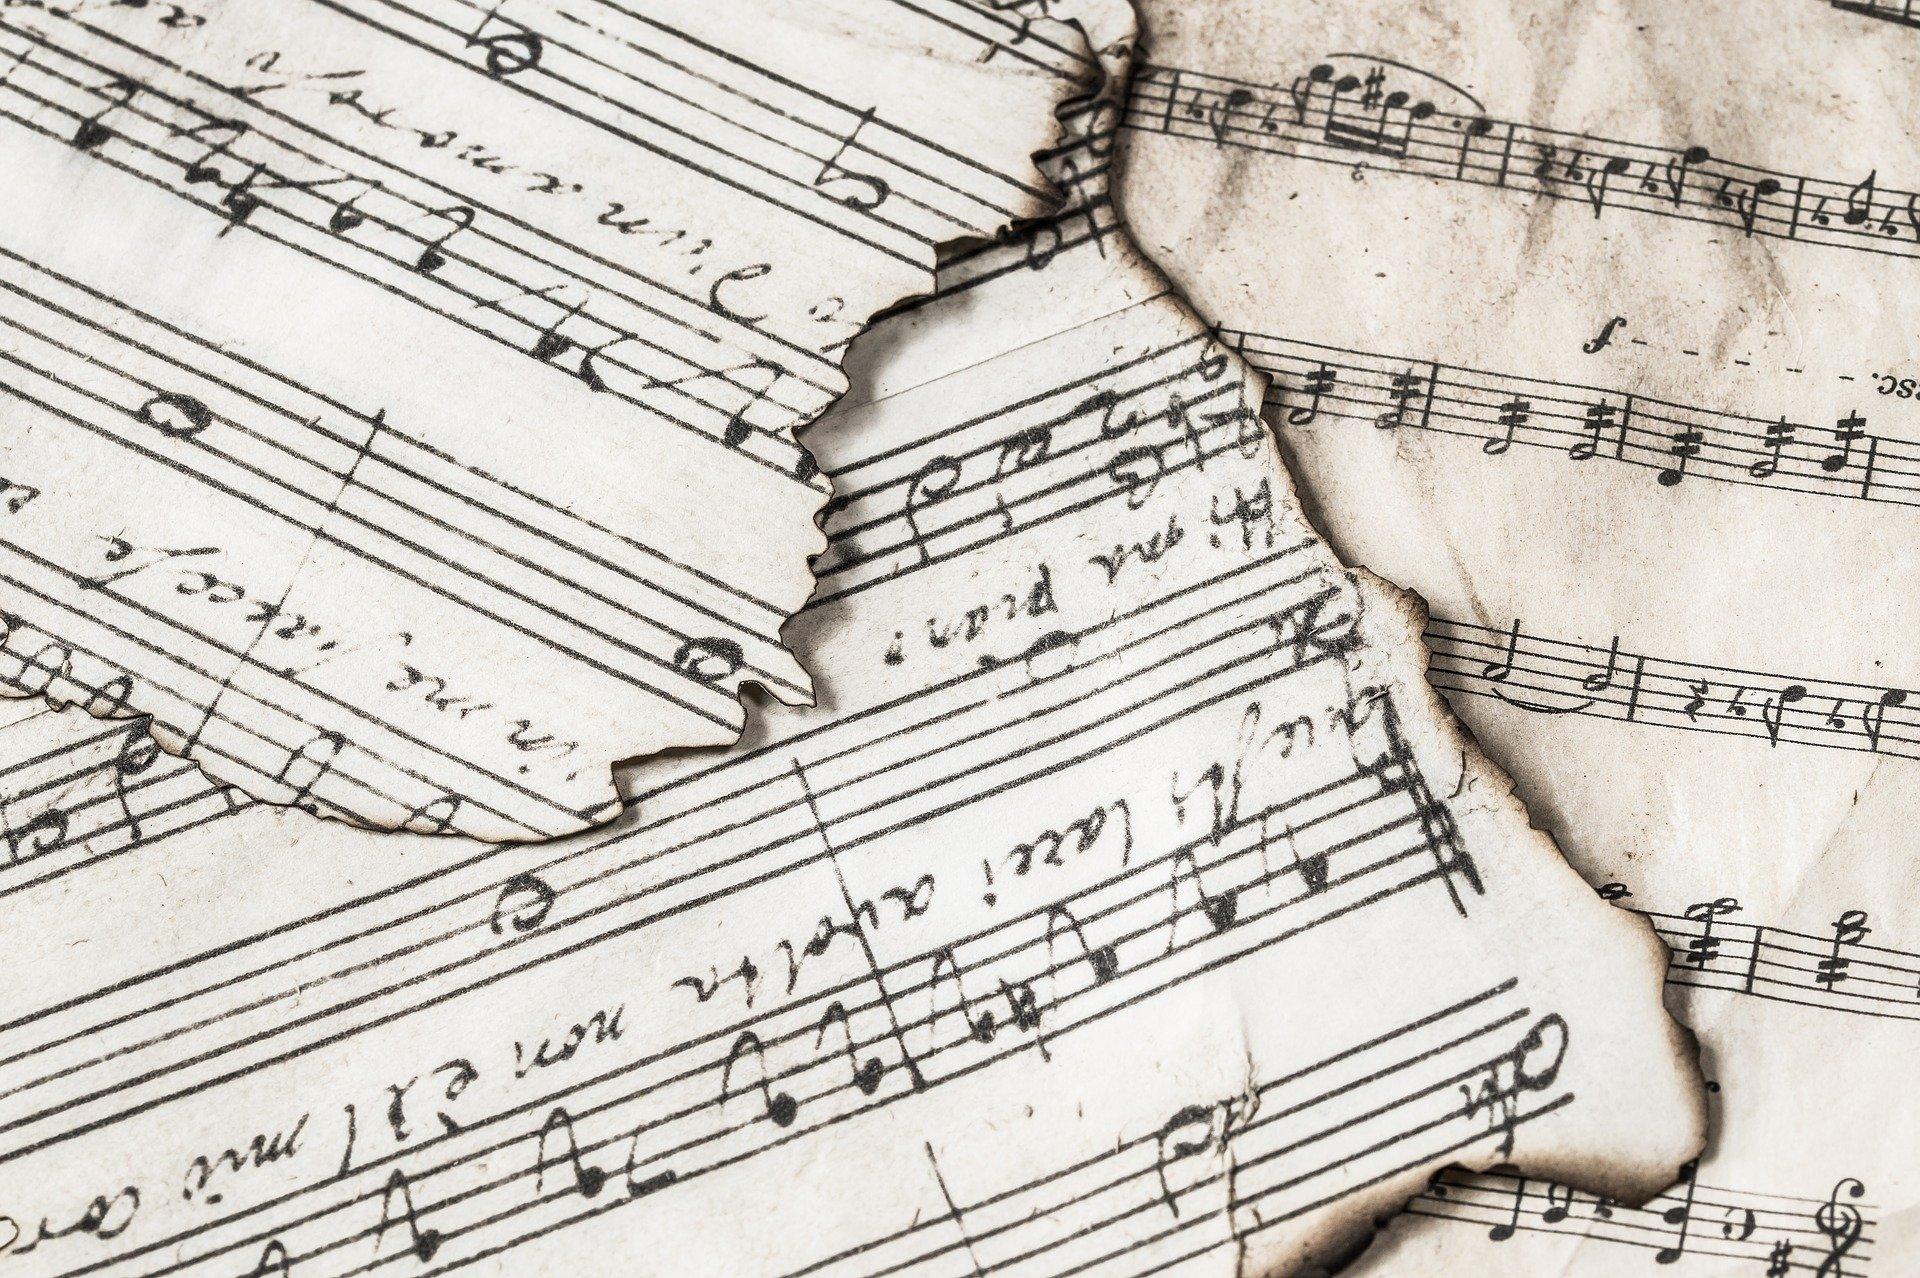 【音痴克服】正しい音で歌えない3つの原因と今すぐできる対処法